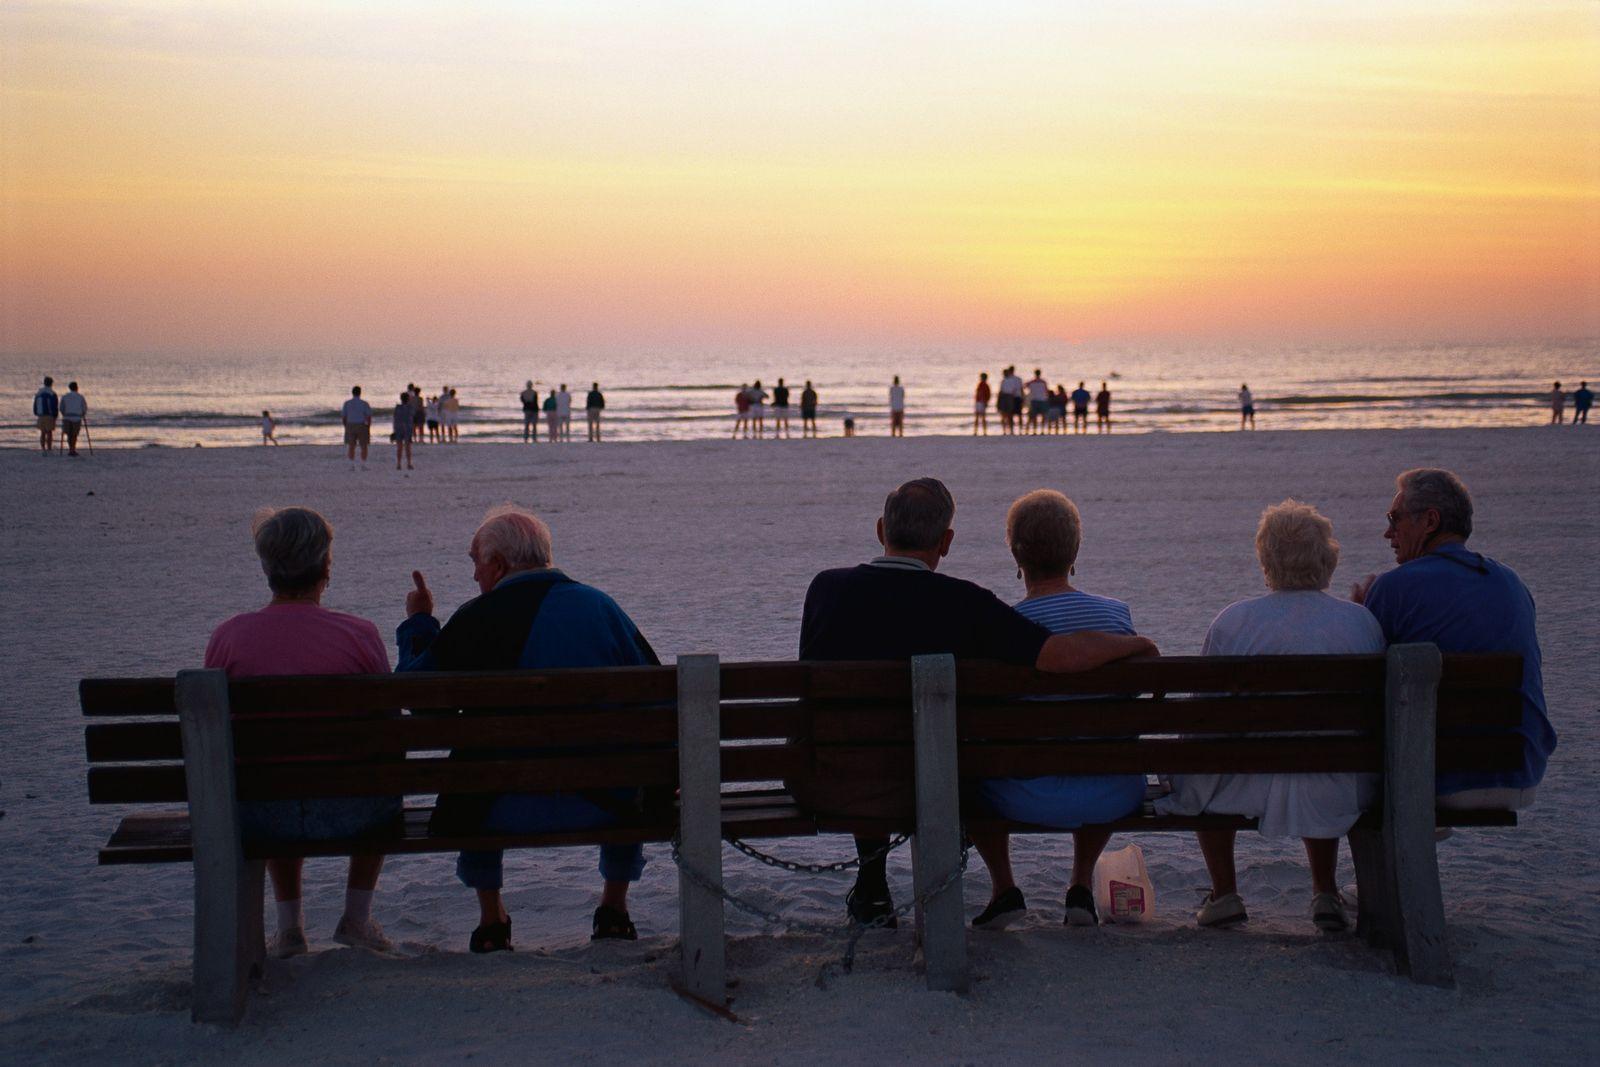 NICHT MEHR VERWENDEN! - Rentner/ Senioren/ Florida/ Strand